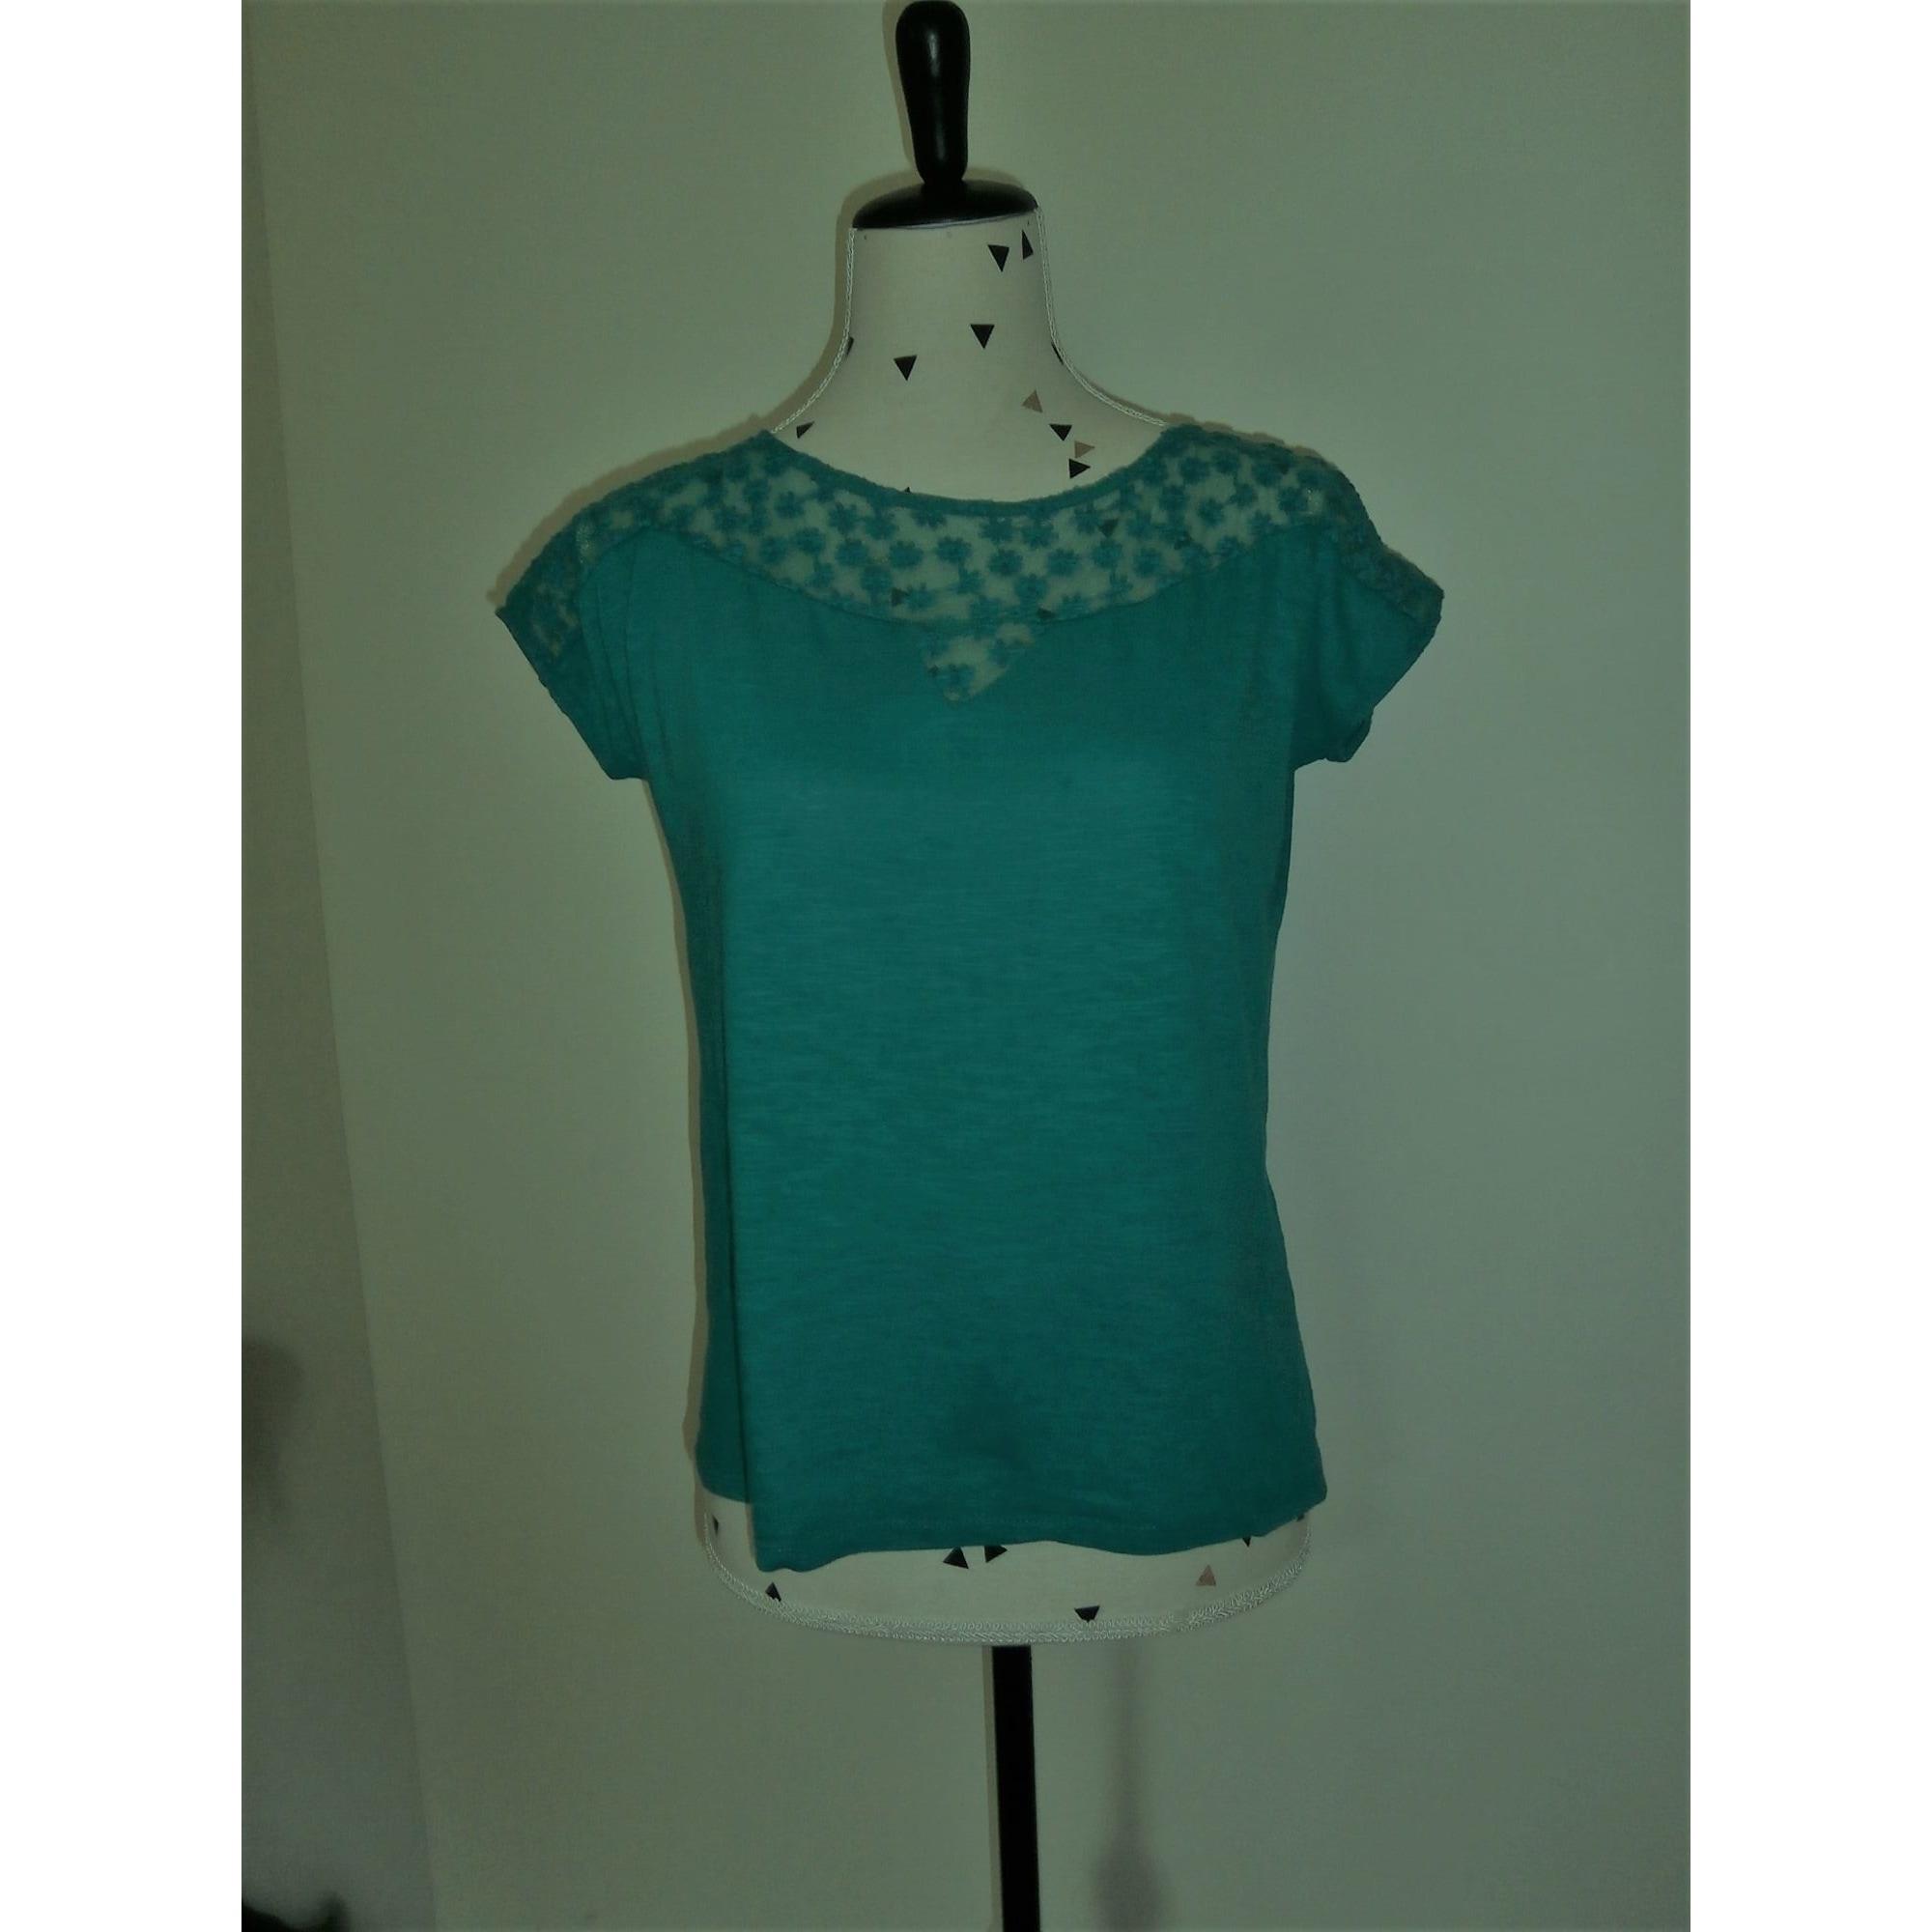 Top, tee-shirt NAF NAF Bleu, bleu marine, bleu turquoise